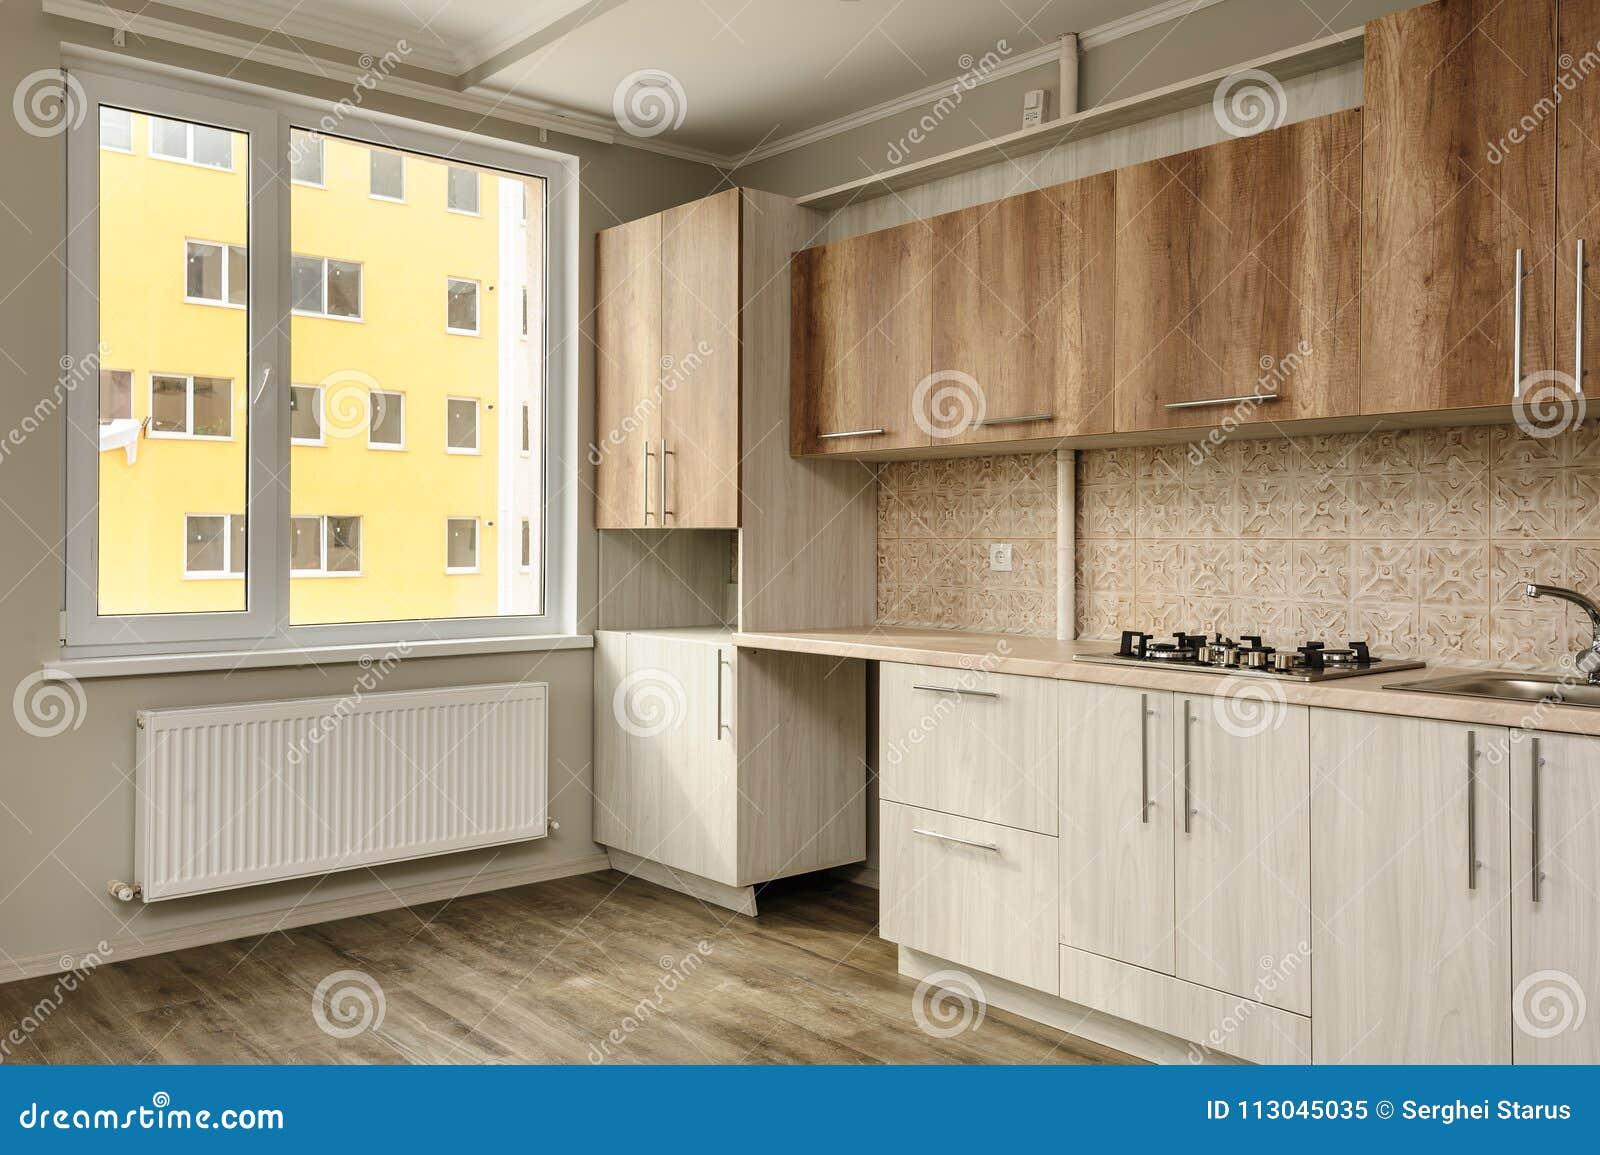 Moderne Beige Kuche Stockbild Bild Von Kuche Beige 113045035